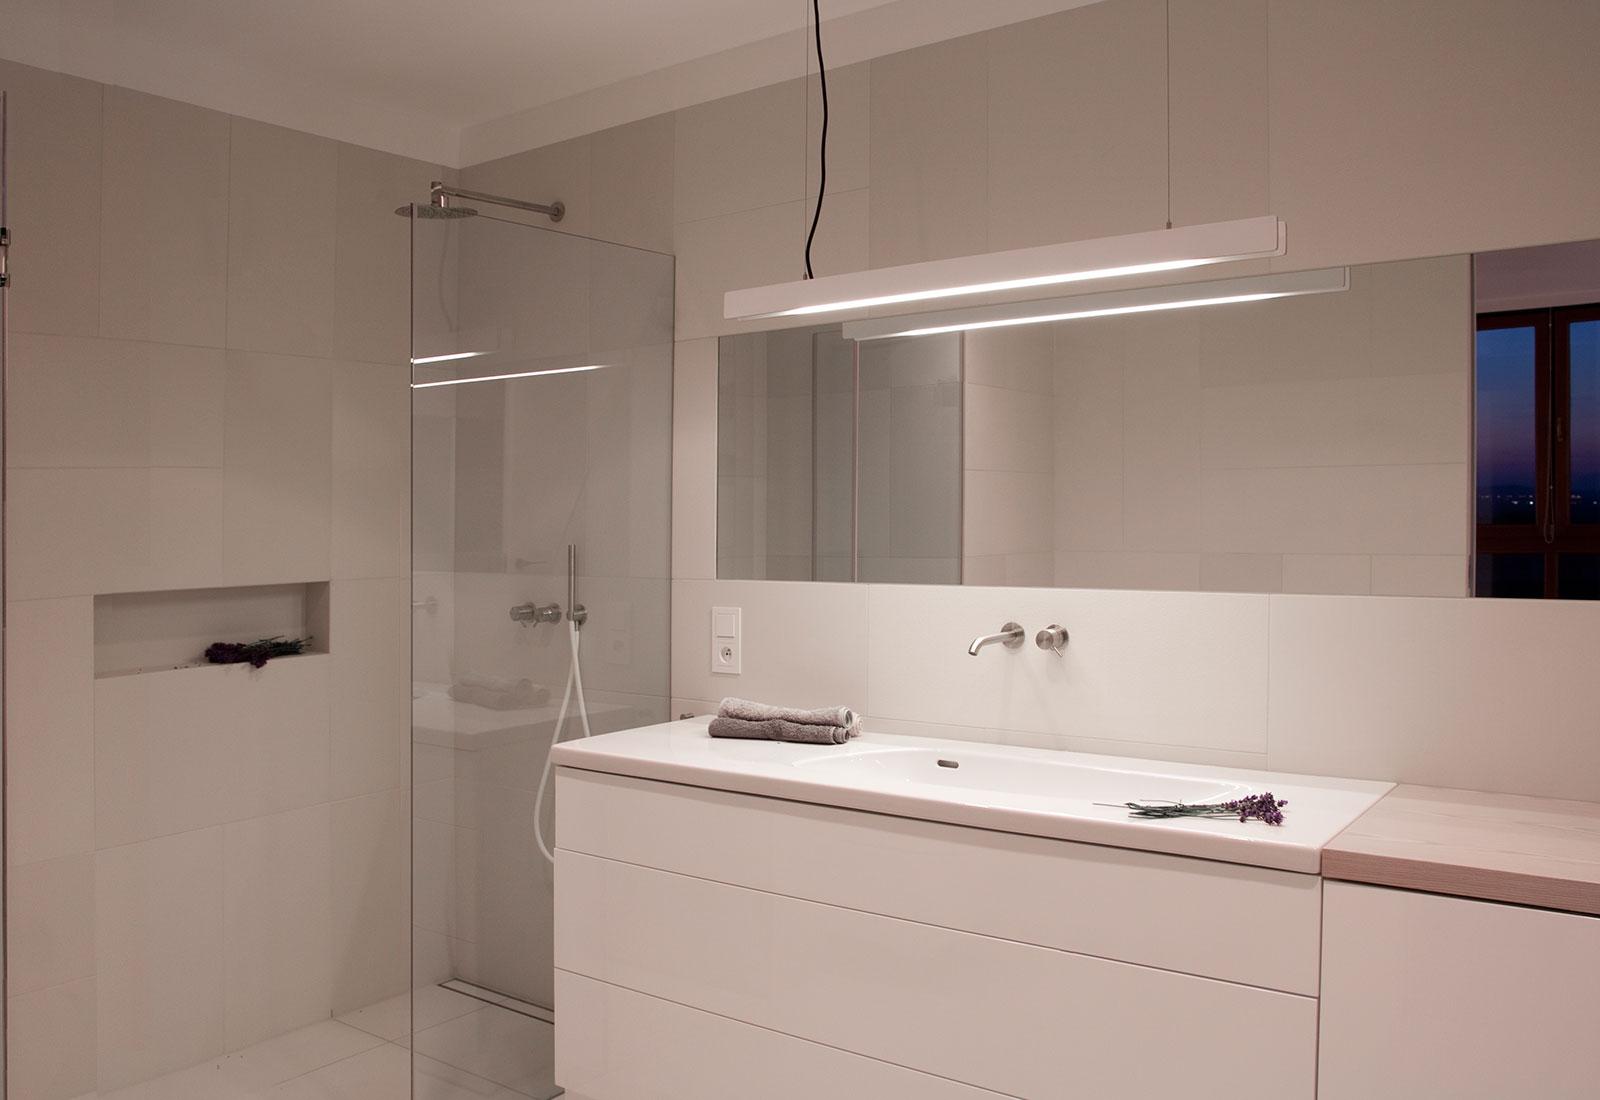 wiktorowe-mieszkanie-183